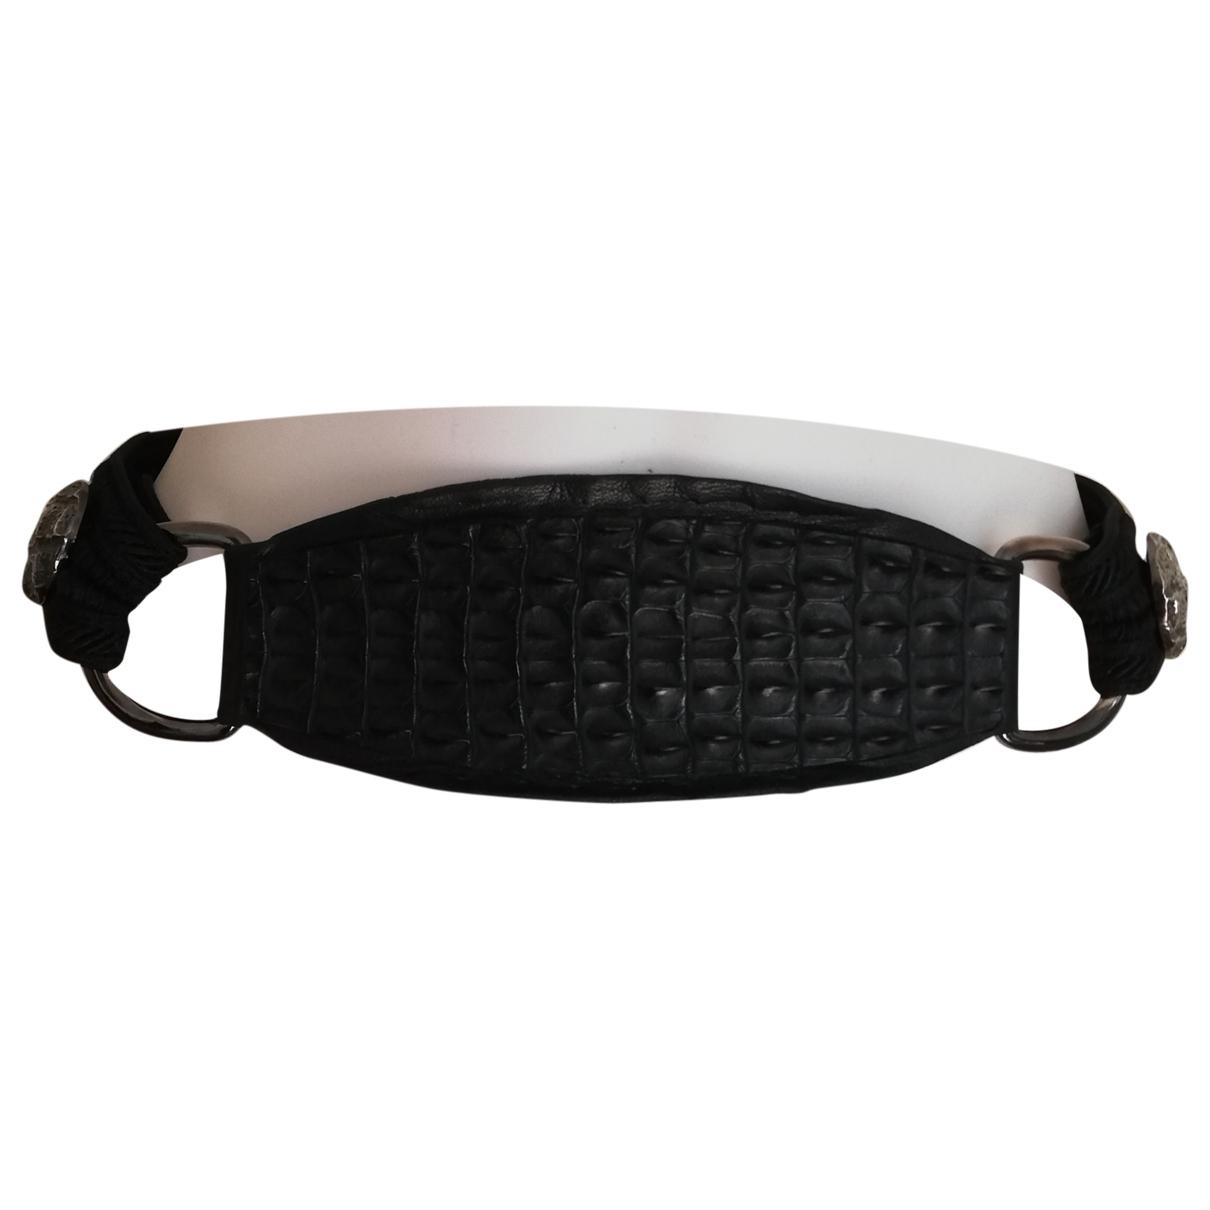 Yves Saint Laurent \N Black Leather belt for Women 75 cm